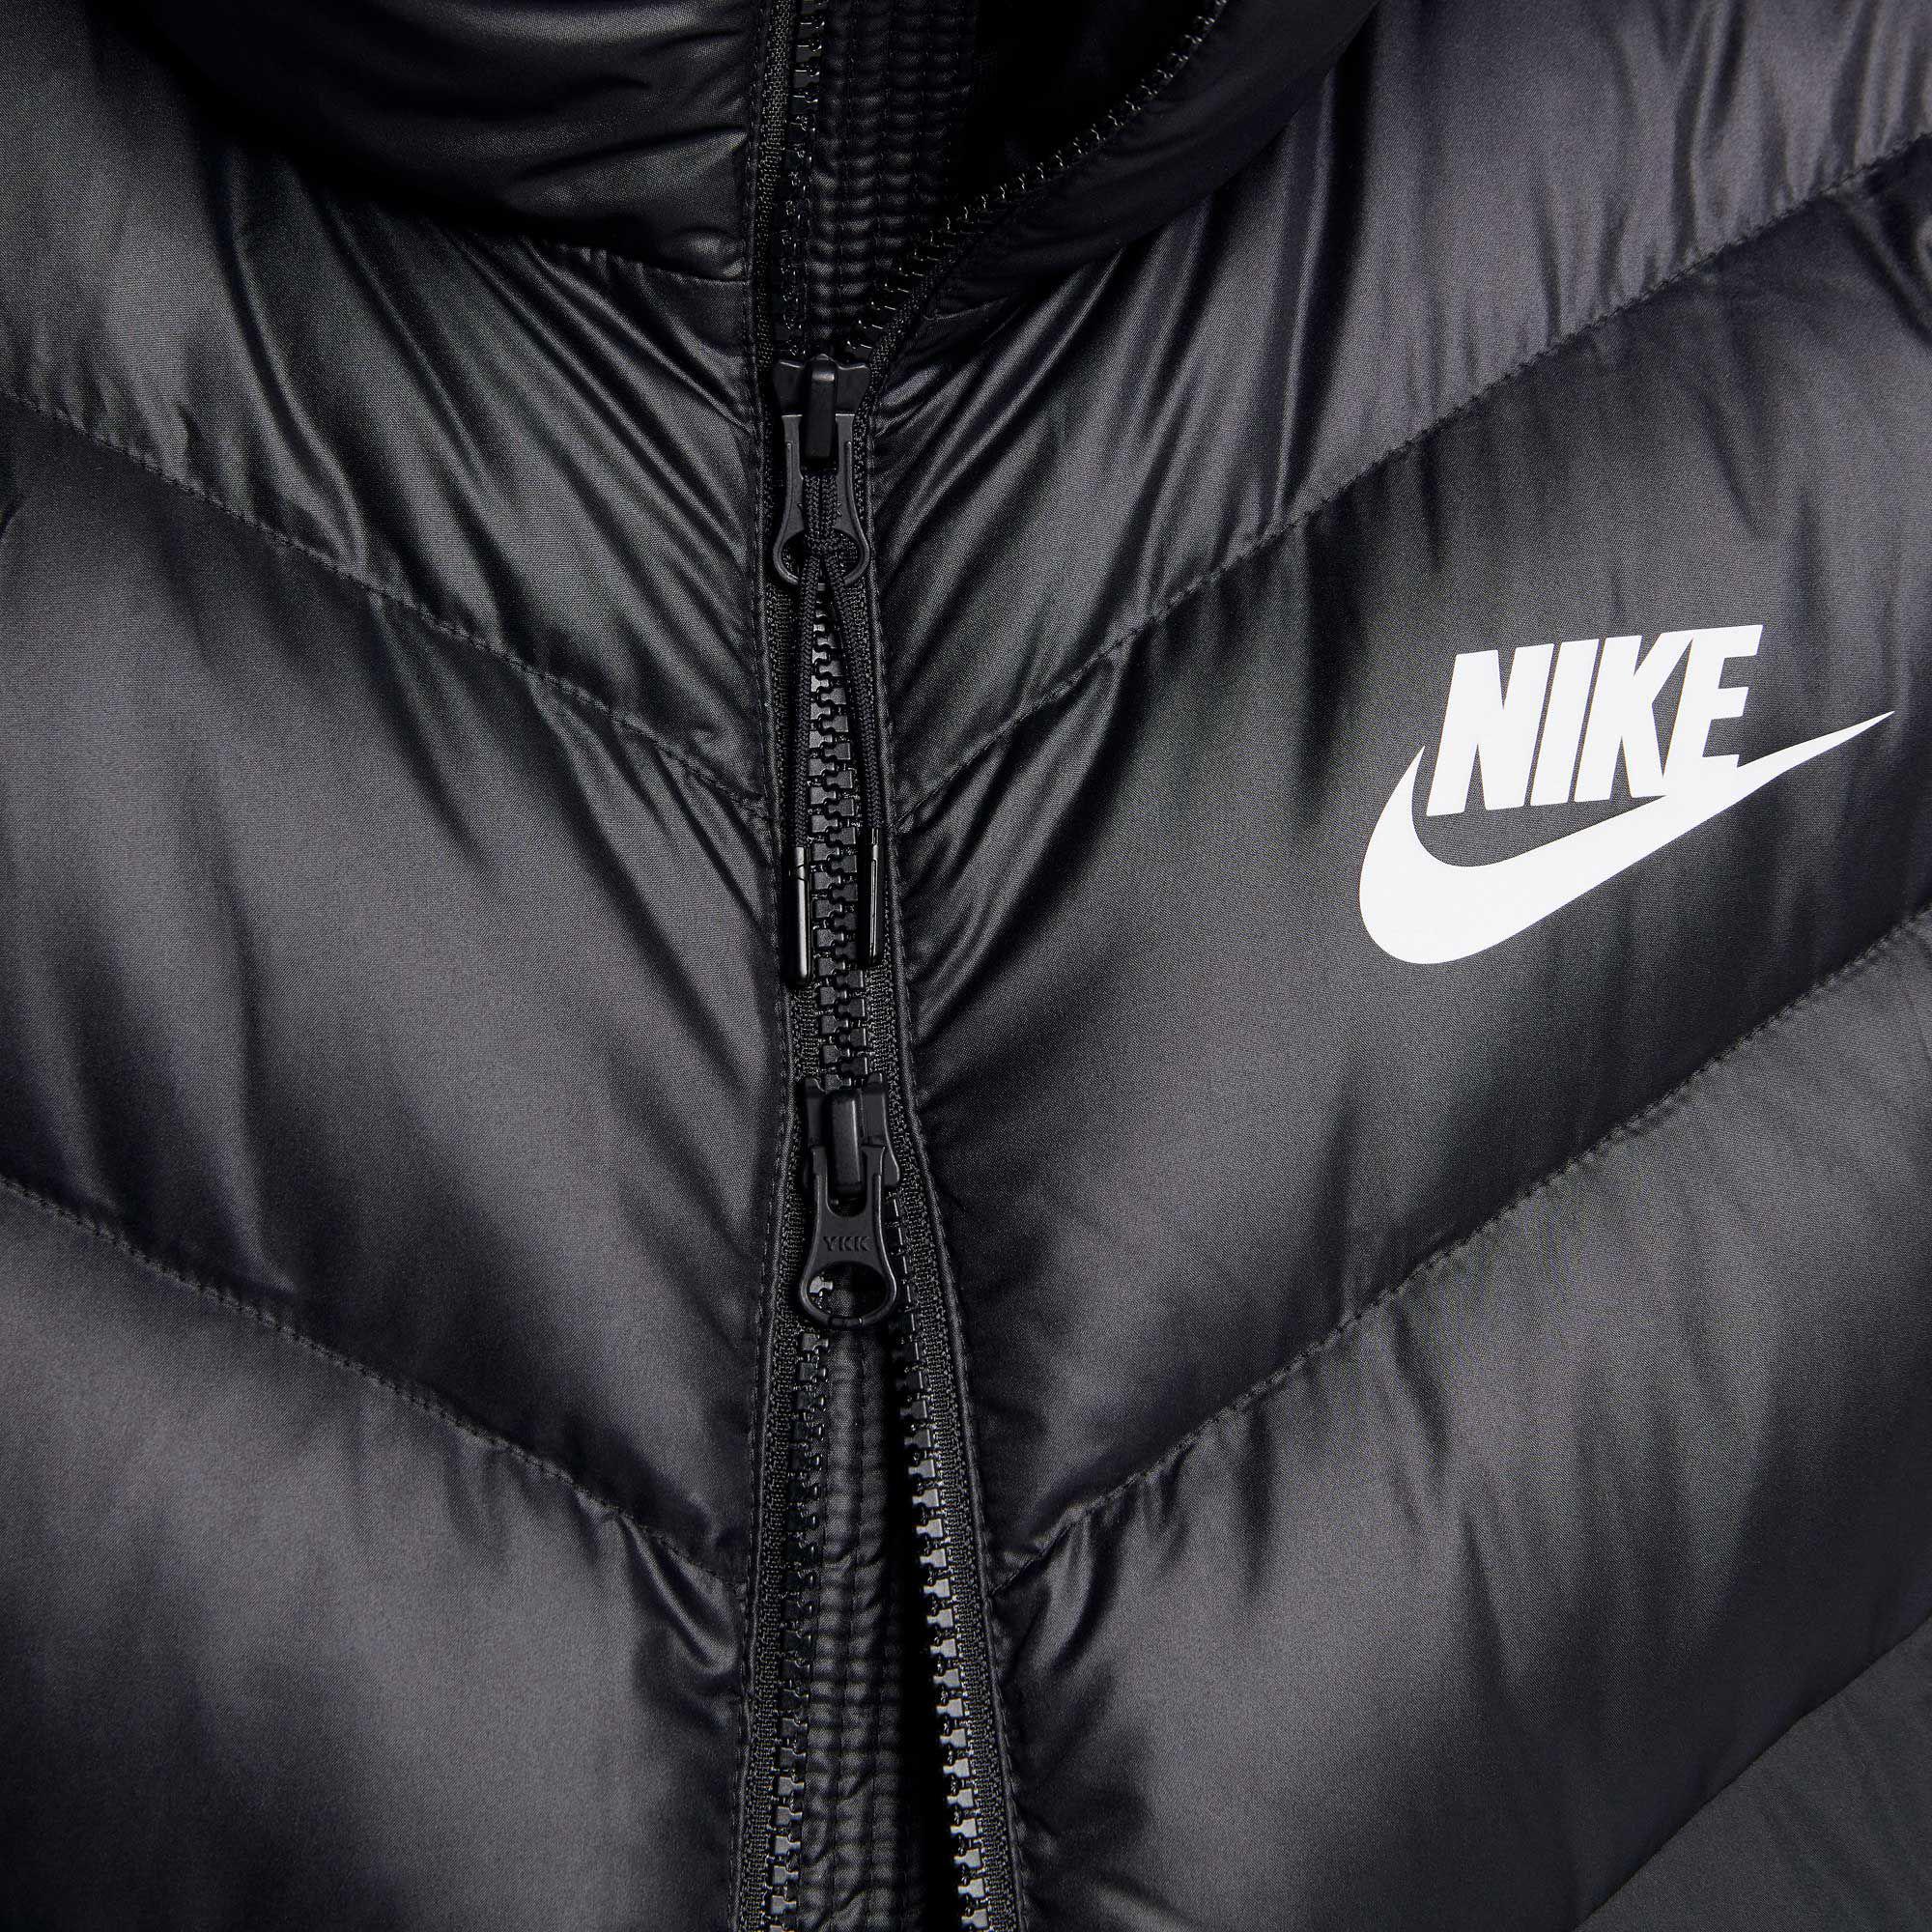 0712f51627e2 Lyst - Nike Sportswear Windrunner Down Jacket in Black for Men